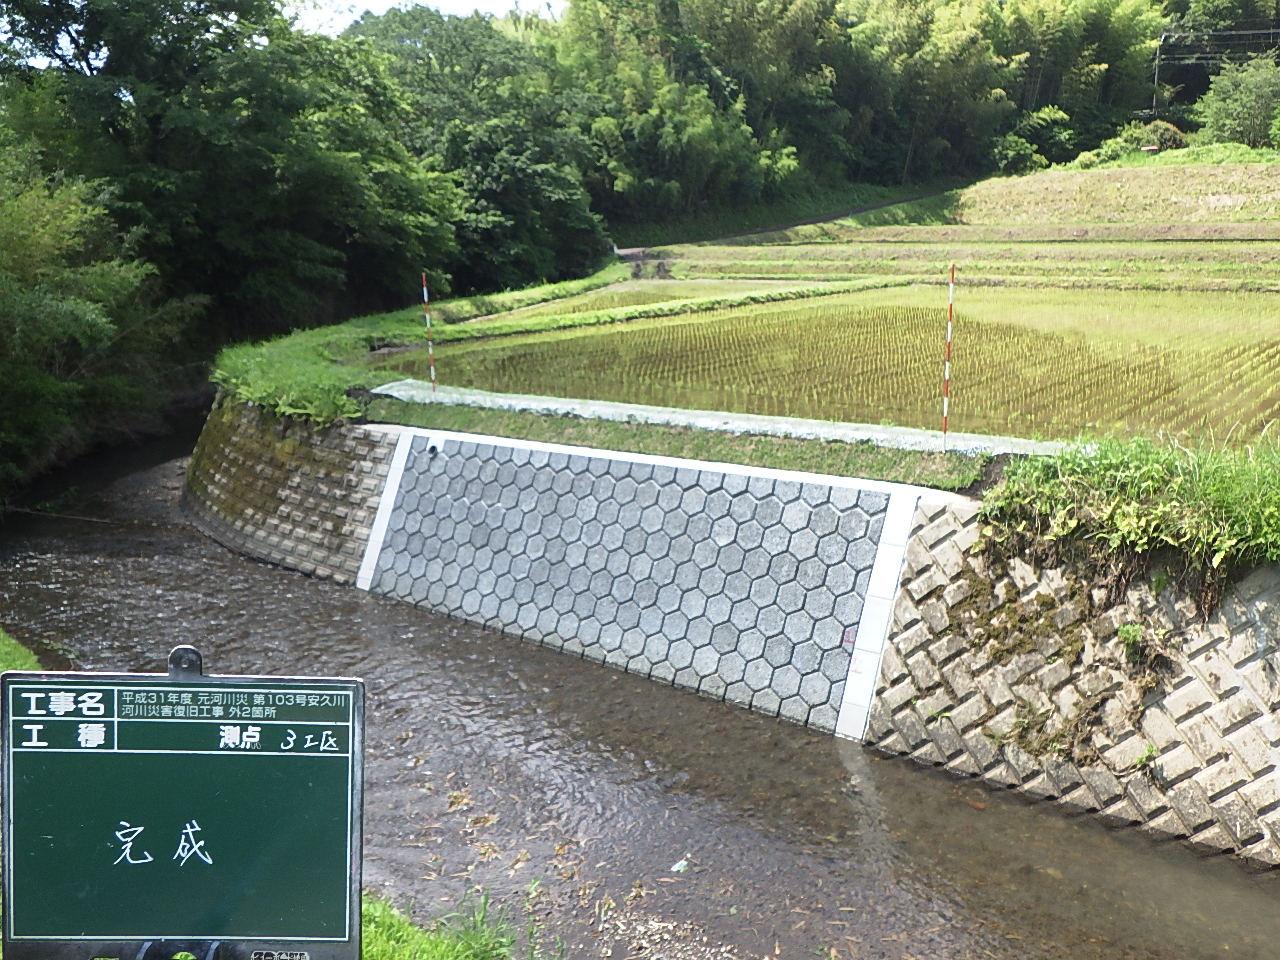 安久川 河川災害復旧工事外2箇所(第111号)